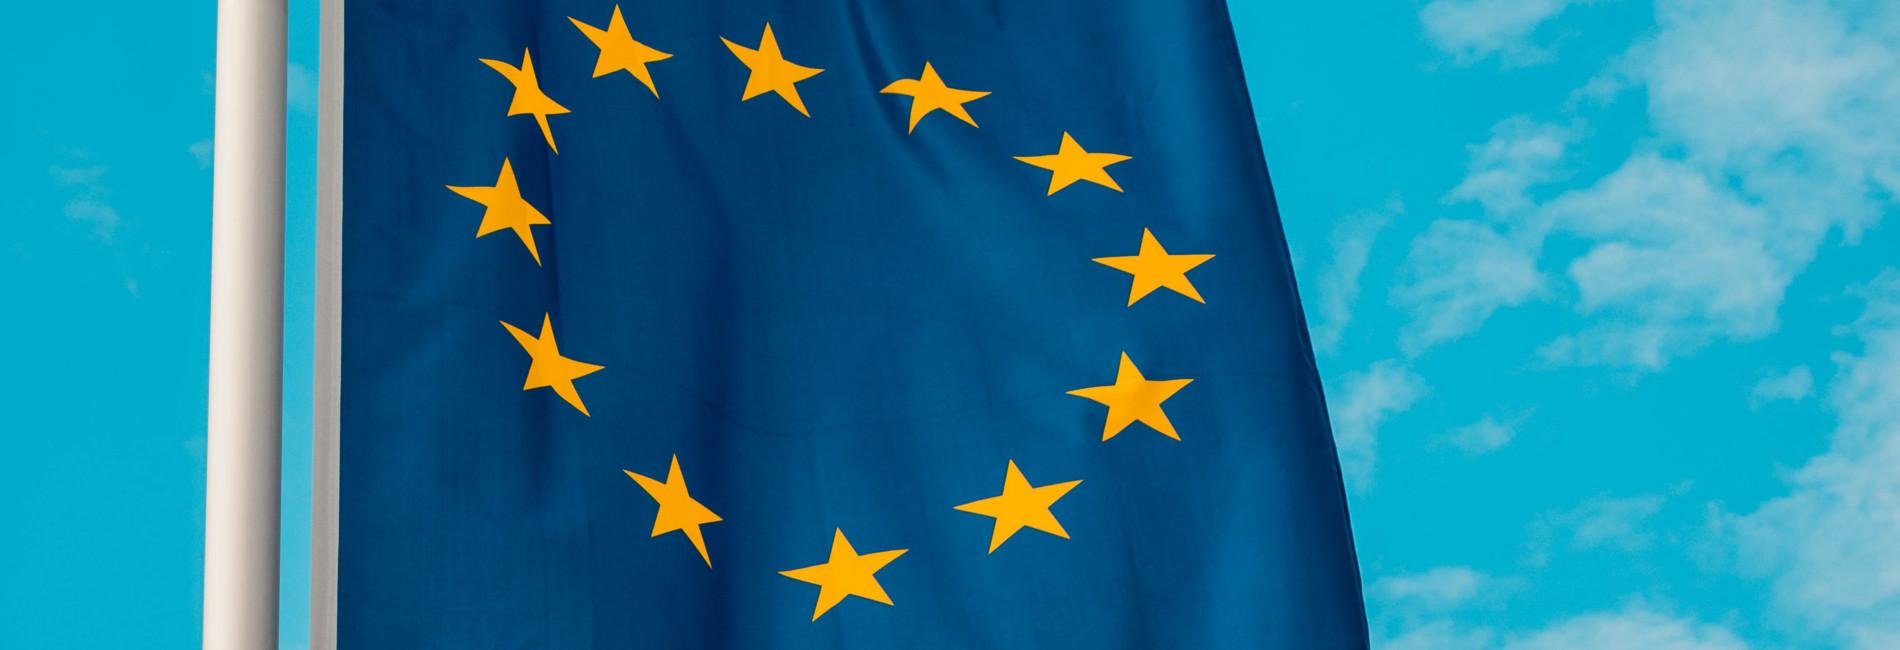 Liên Minh Châu Âu (EU) Mở Cửa Từ Ngày 01/07/2020 Cho Một Số Nước Ngoài EU